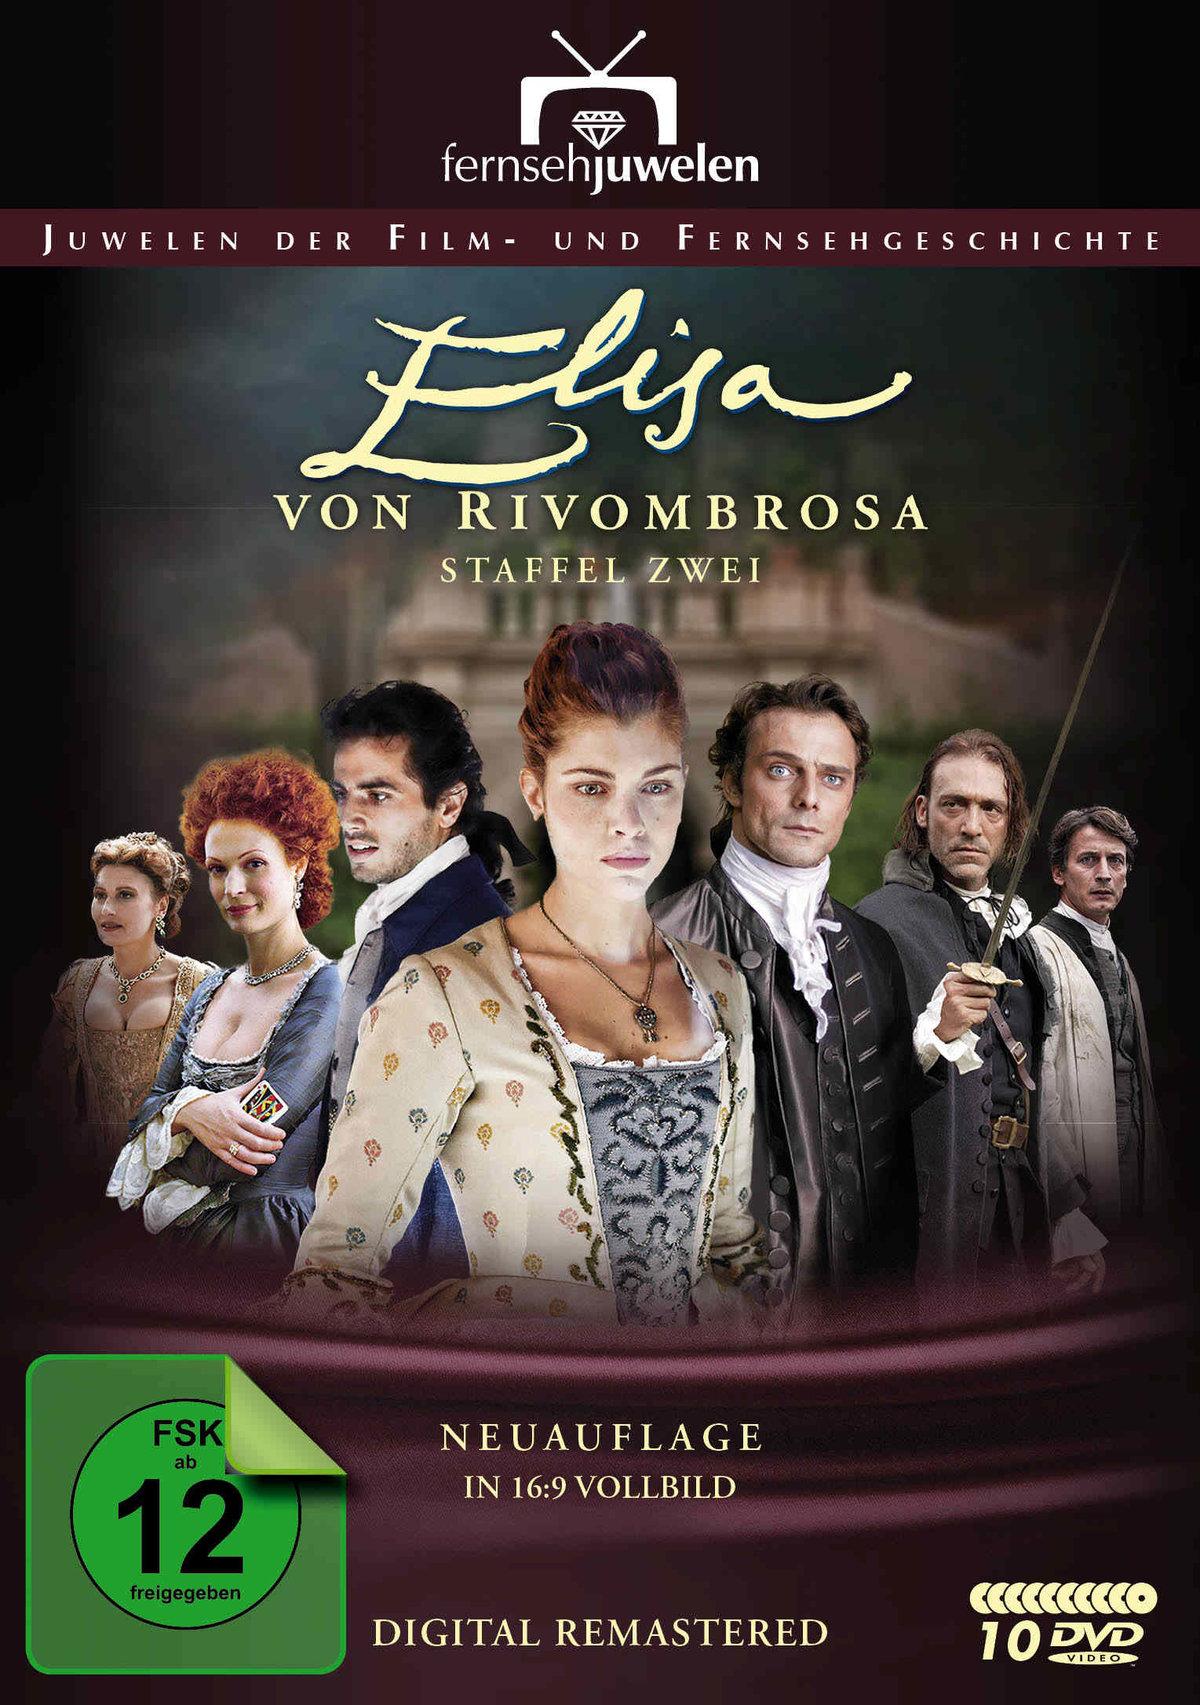 Bild Elisa von Rivombrosa - Staffel 2 (Neuauflage, 10 DVDs)